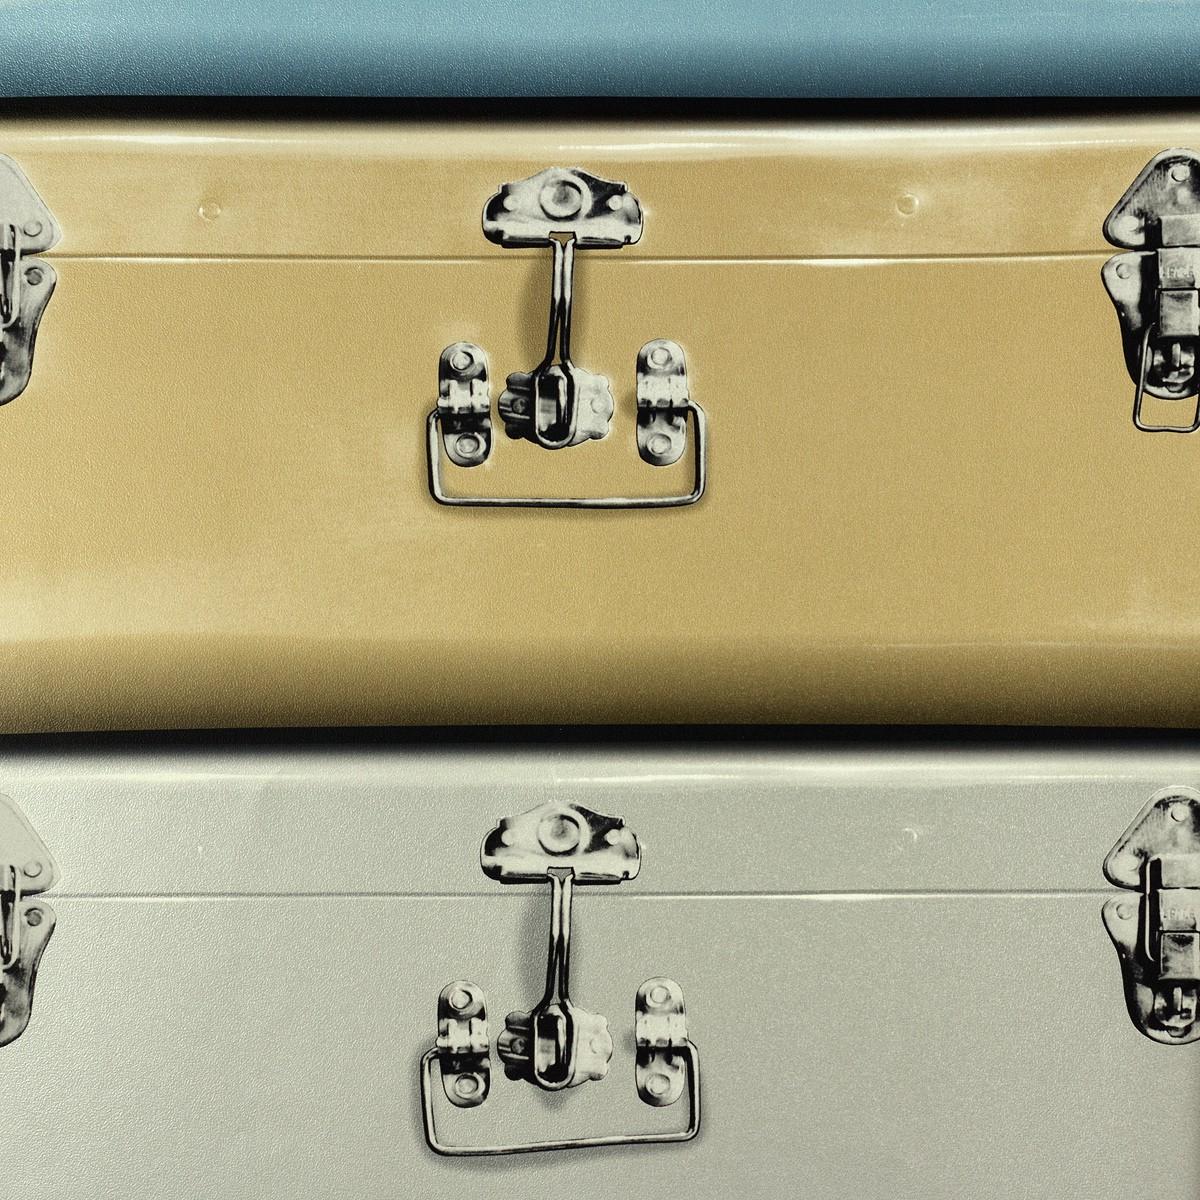 tapete koffer blau gold silber tapeten rasch textil newage. Black Bedroom Furniture Sets. Home Design Ideas